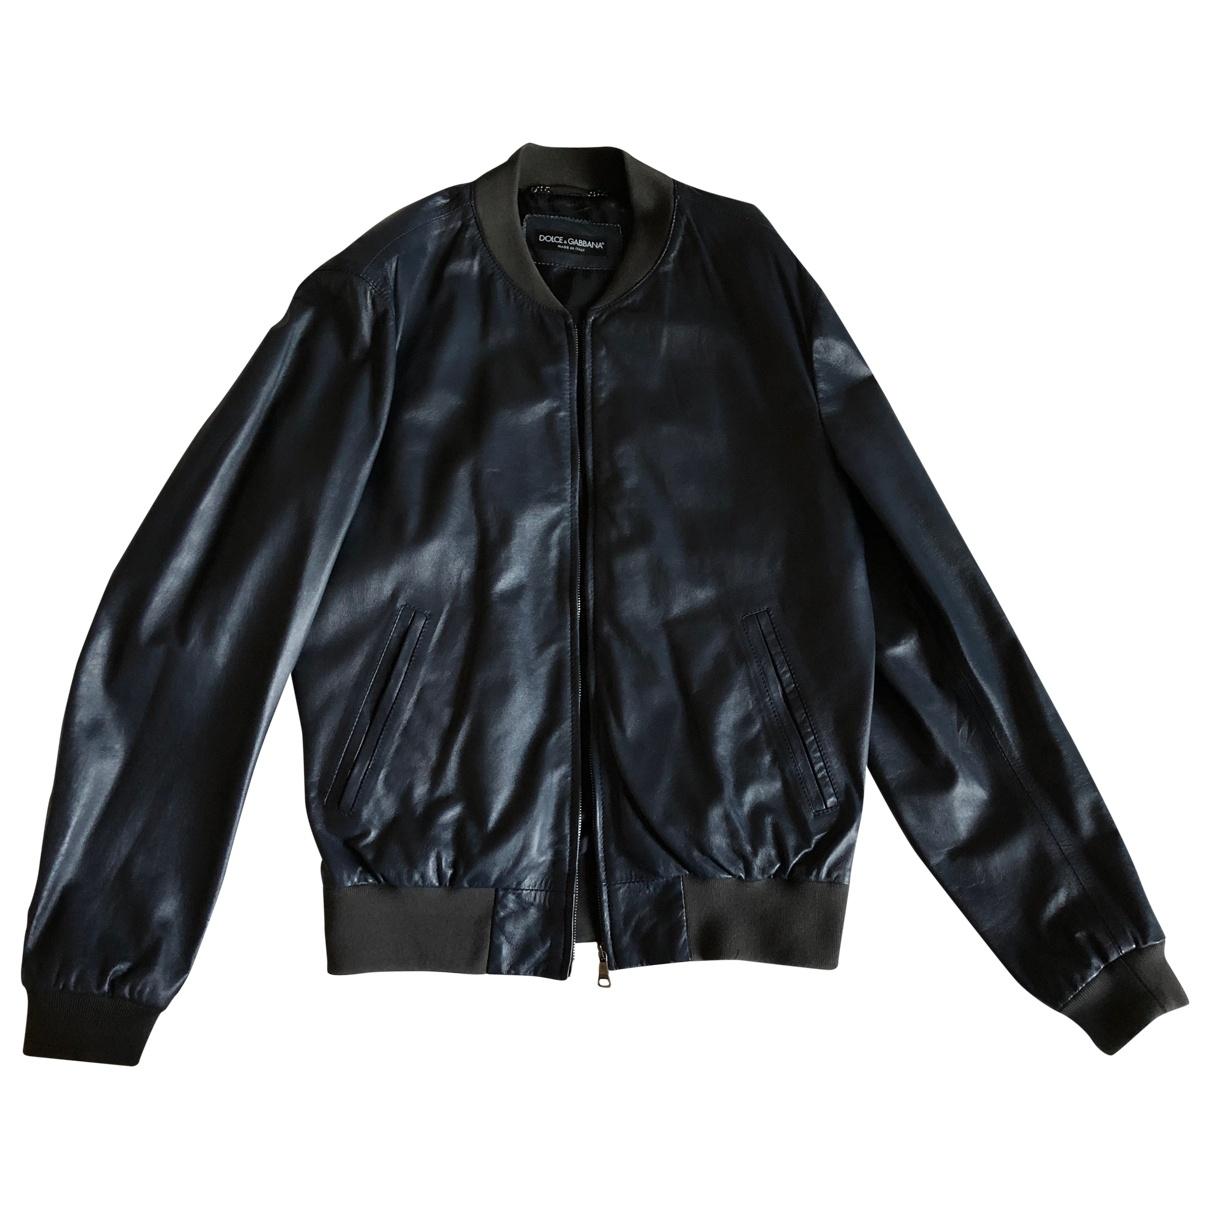 Dolce & Gabbana - Vestes.Blousons   pour homme en cuir - marine